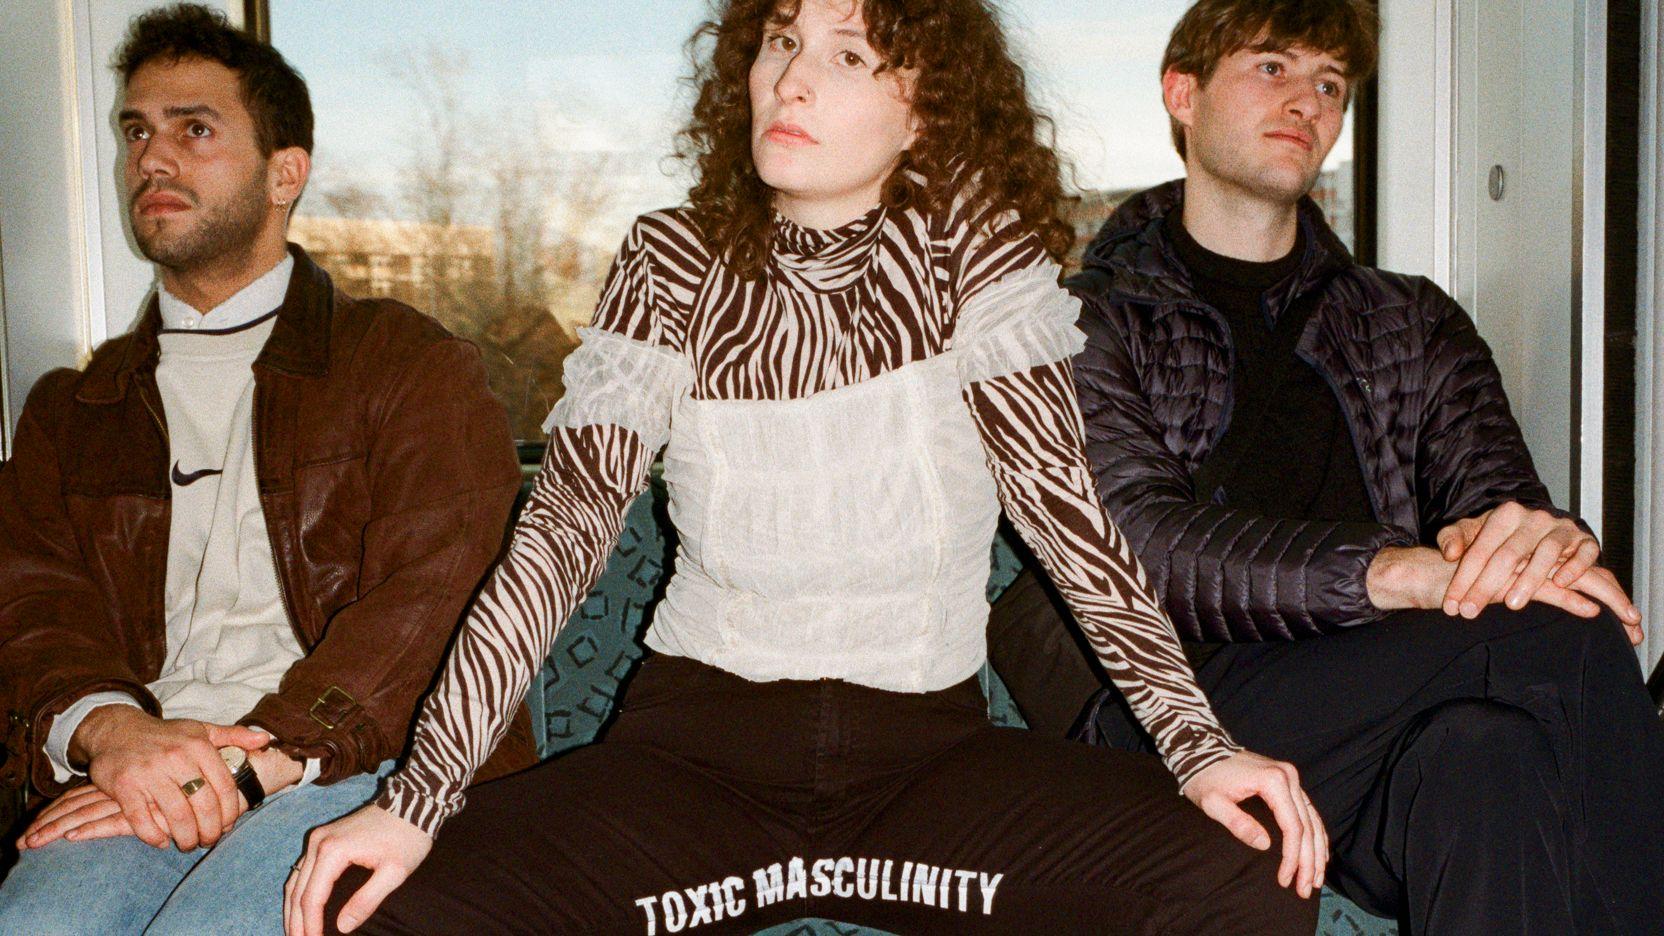 """Eine Frau sitzt breitbeinig zwischen zwei Männern auf einer Bank in einer U-Bahn. Auf ihrer Hose steht im Schritt """"Toxic Masculinity""""."""